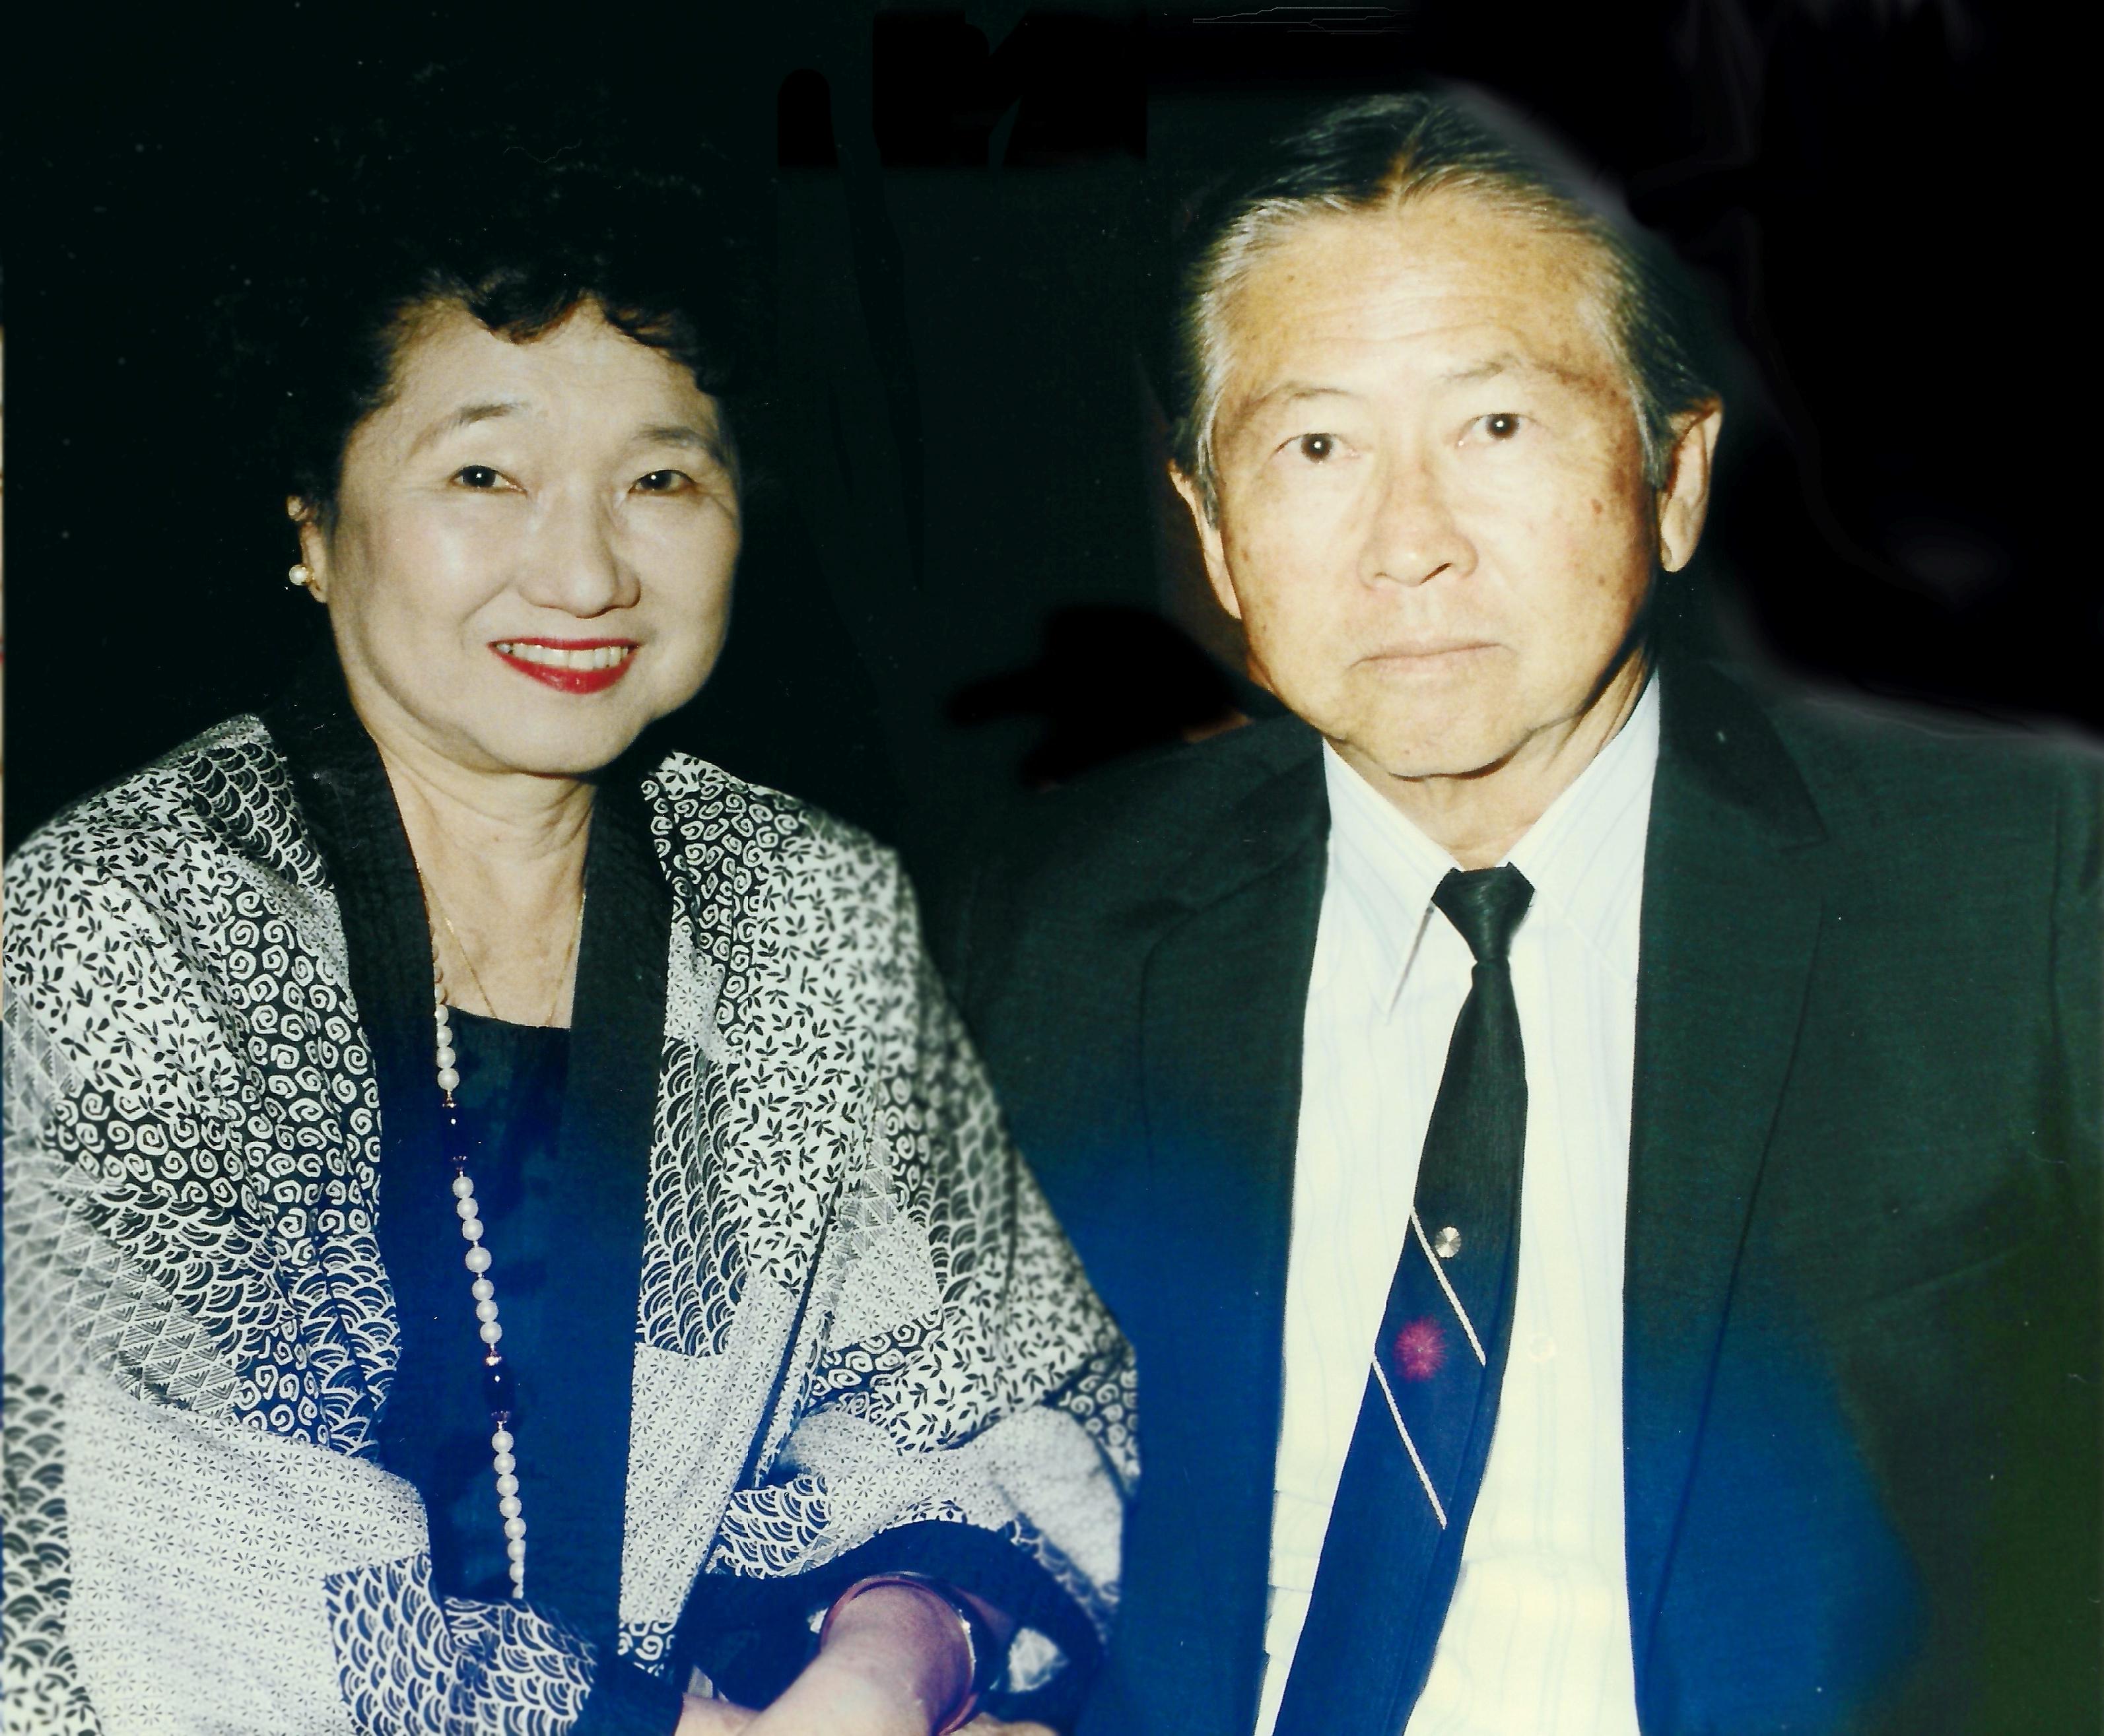 HENRY K. OGAWA